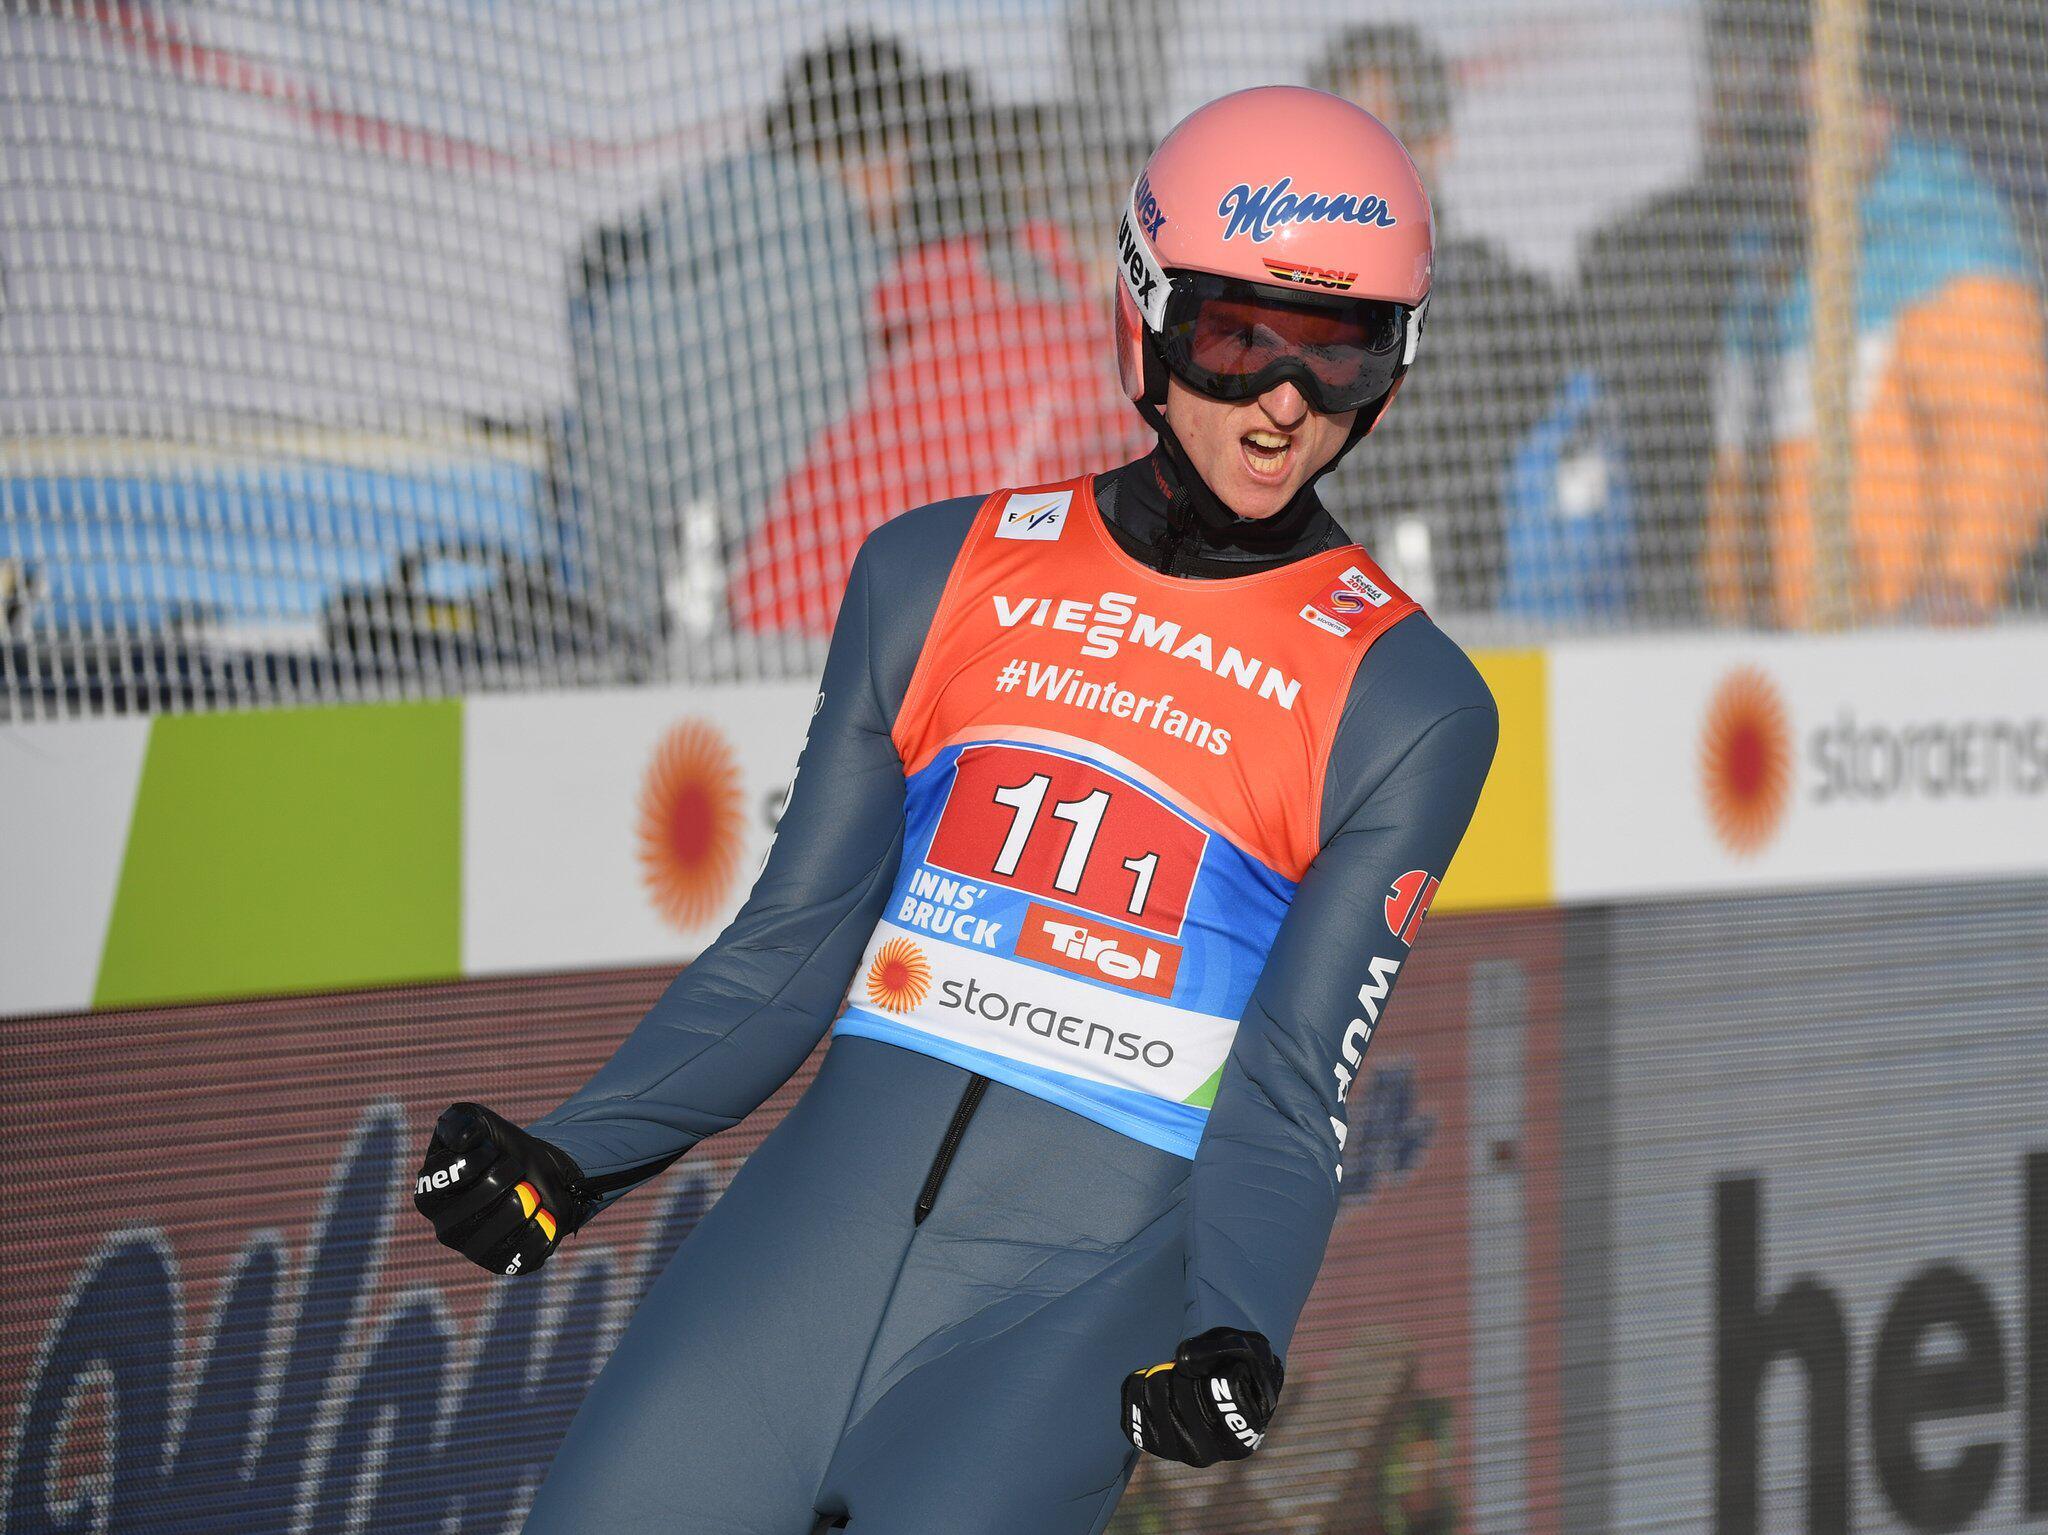 Bild zu Karl Geiger, Nordische Ski-WM, Ski-WM, Seefeld, Skispringen, Teamspringen